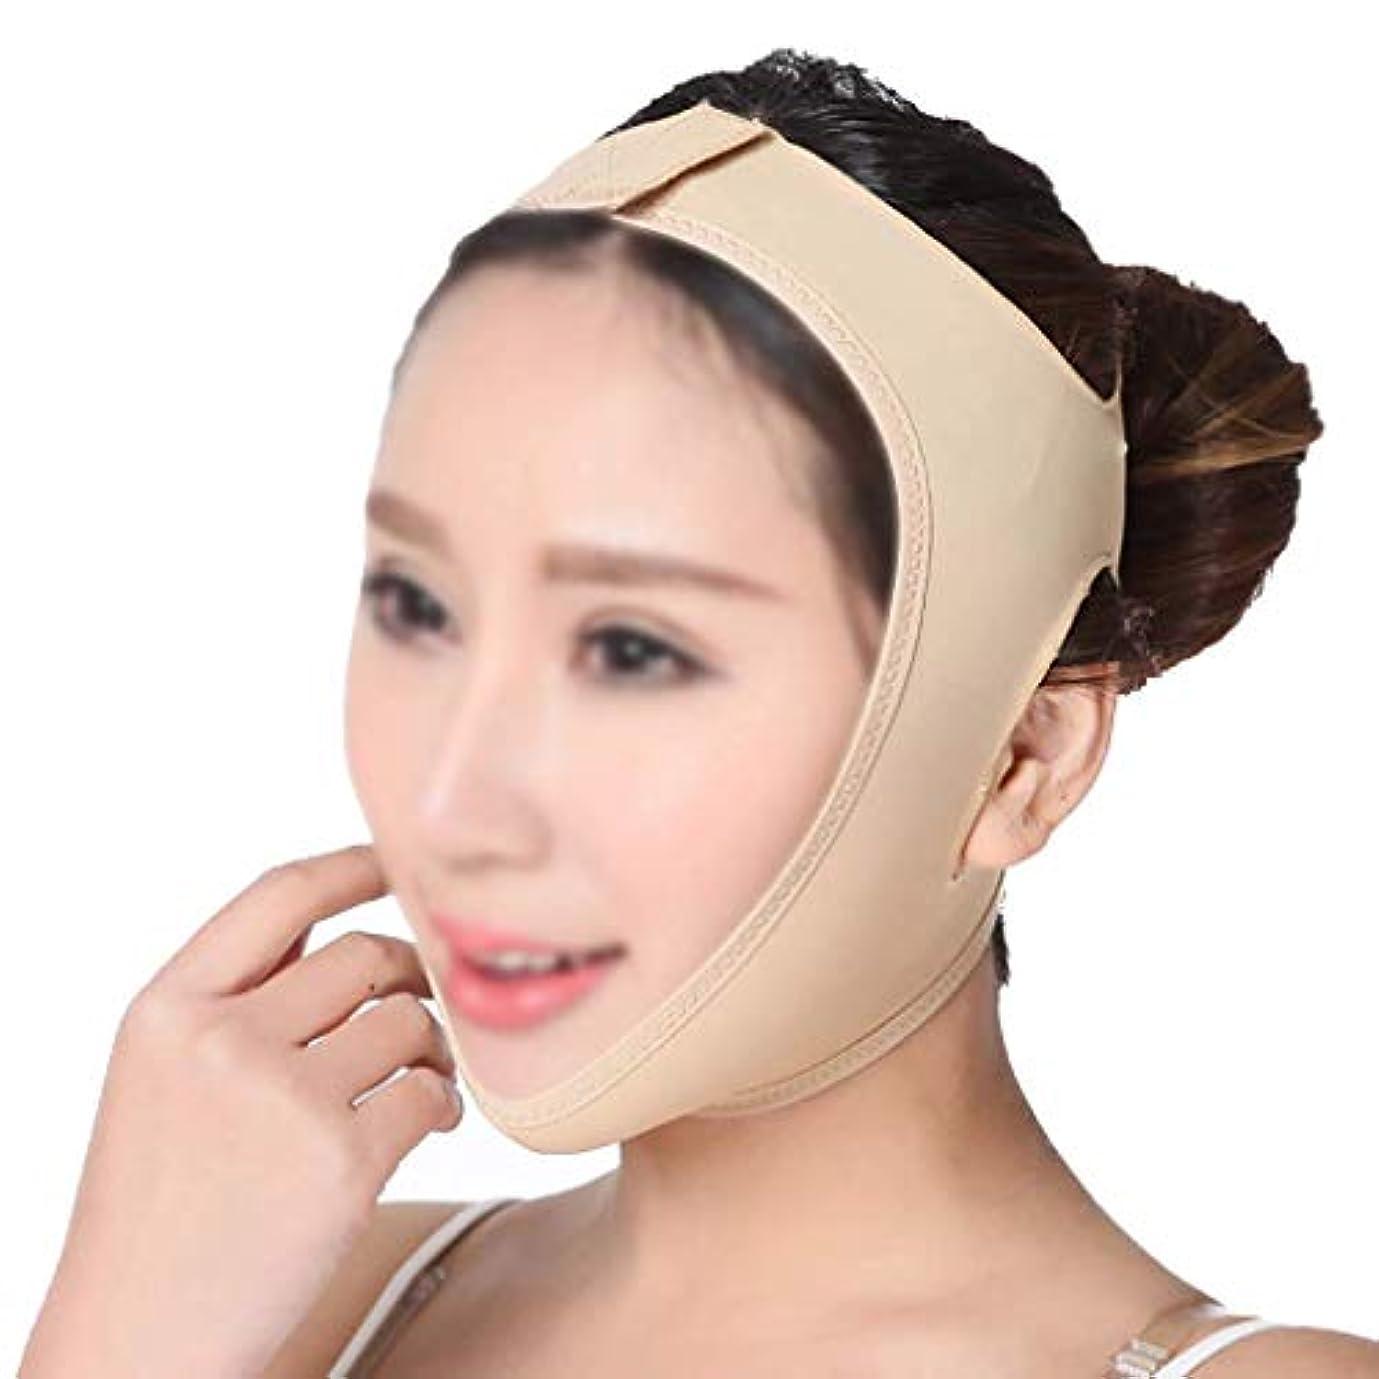 行動中絶調停者薄型フェイスバンデージフェイススリムダブル顎を取り除くVラインフェイスシェイプを作成チンチークリフトアップアンチリンクルリフティングベルトフェイスマッサージツール(サイズ:S),S